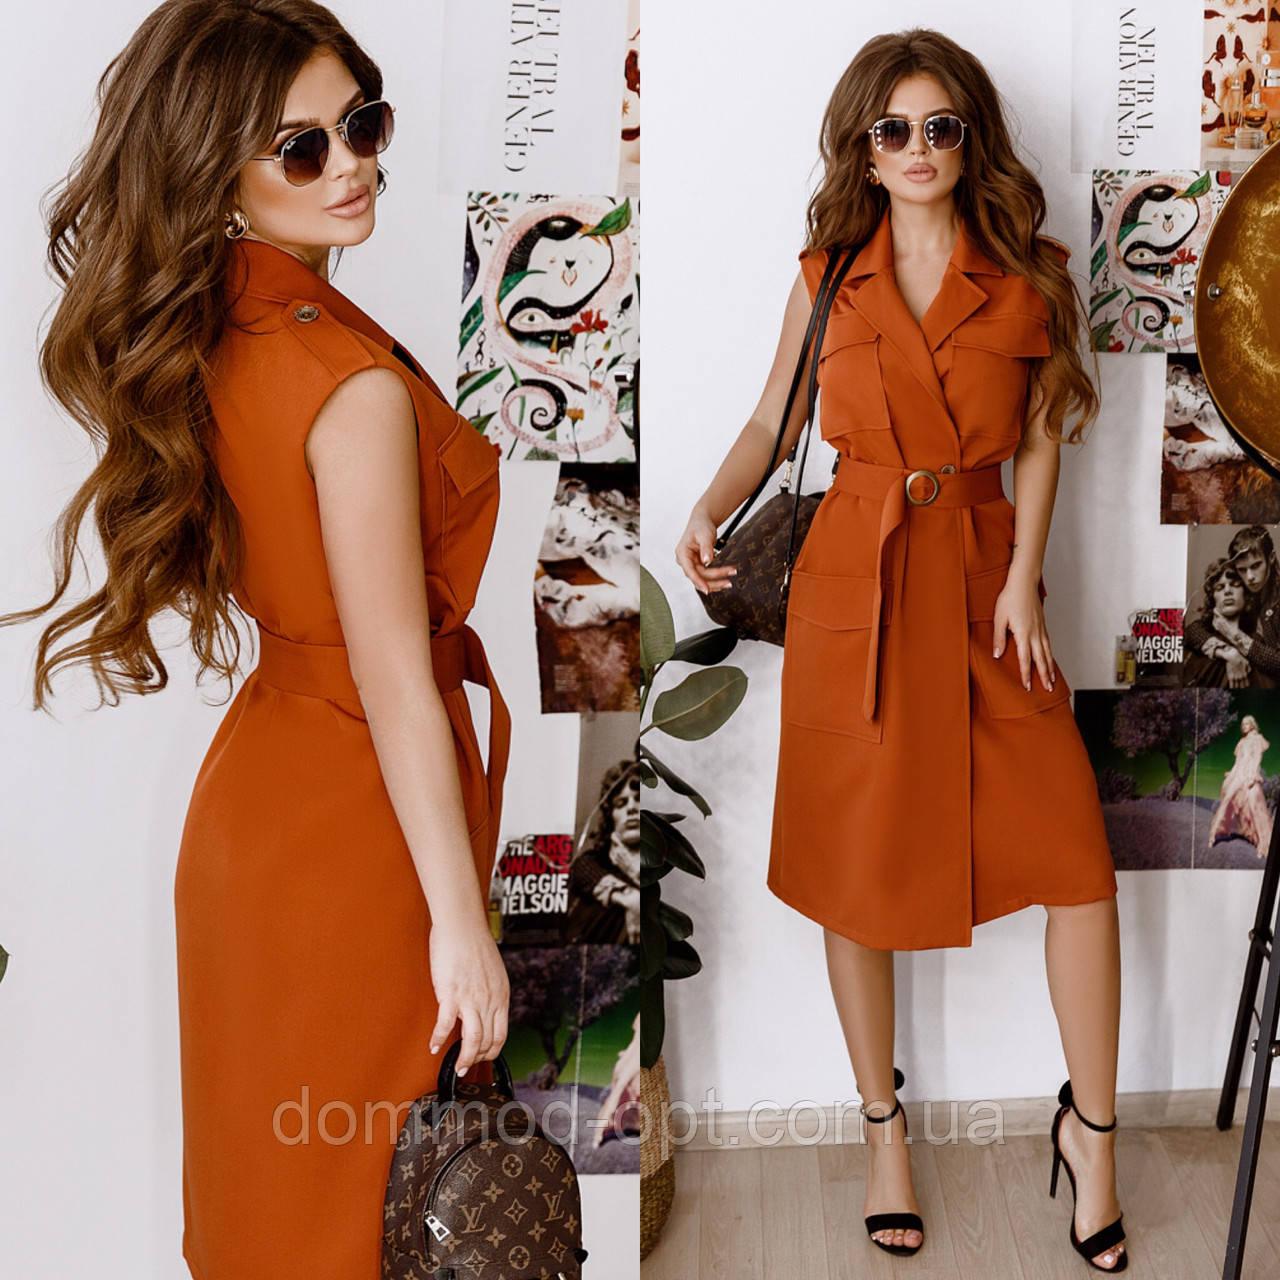 1278fd0f677 Женское летнее платье с объемными карманами №572 (р.42-46 ...